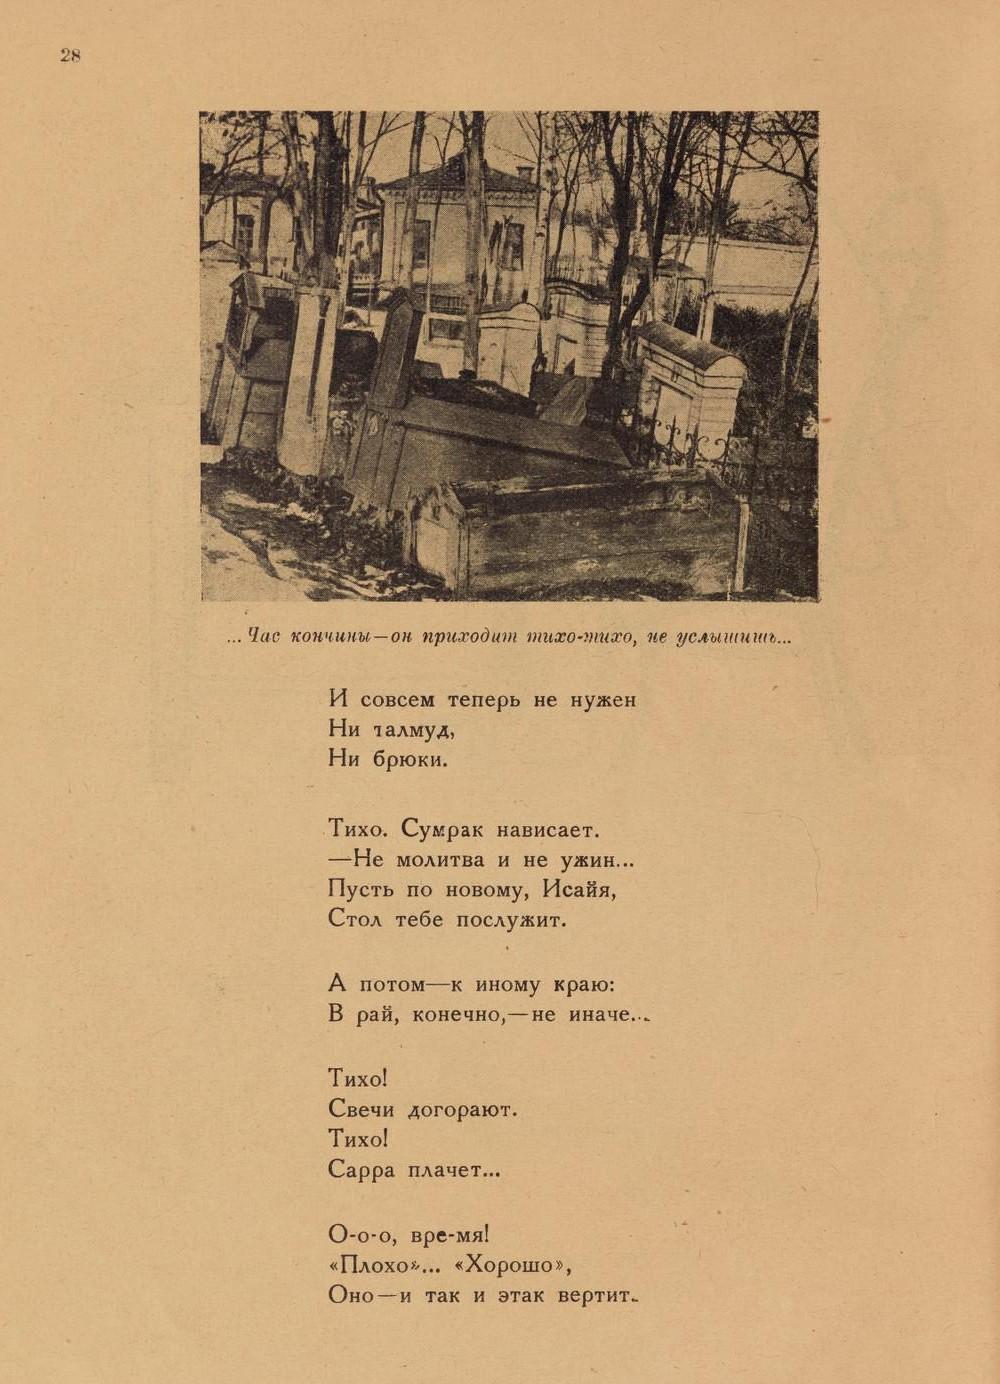 «Повесть о рыжем Мотэле, господине инспекторе, раввине Иссайе и комиссаре Блох» (1926 год) 26